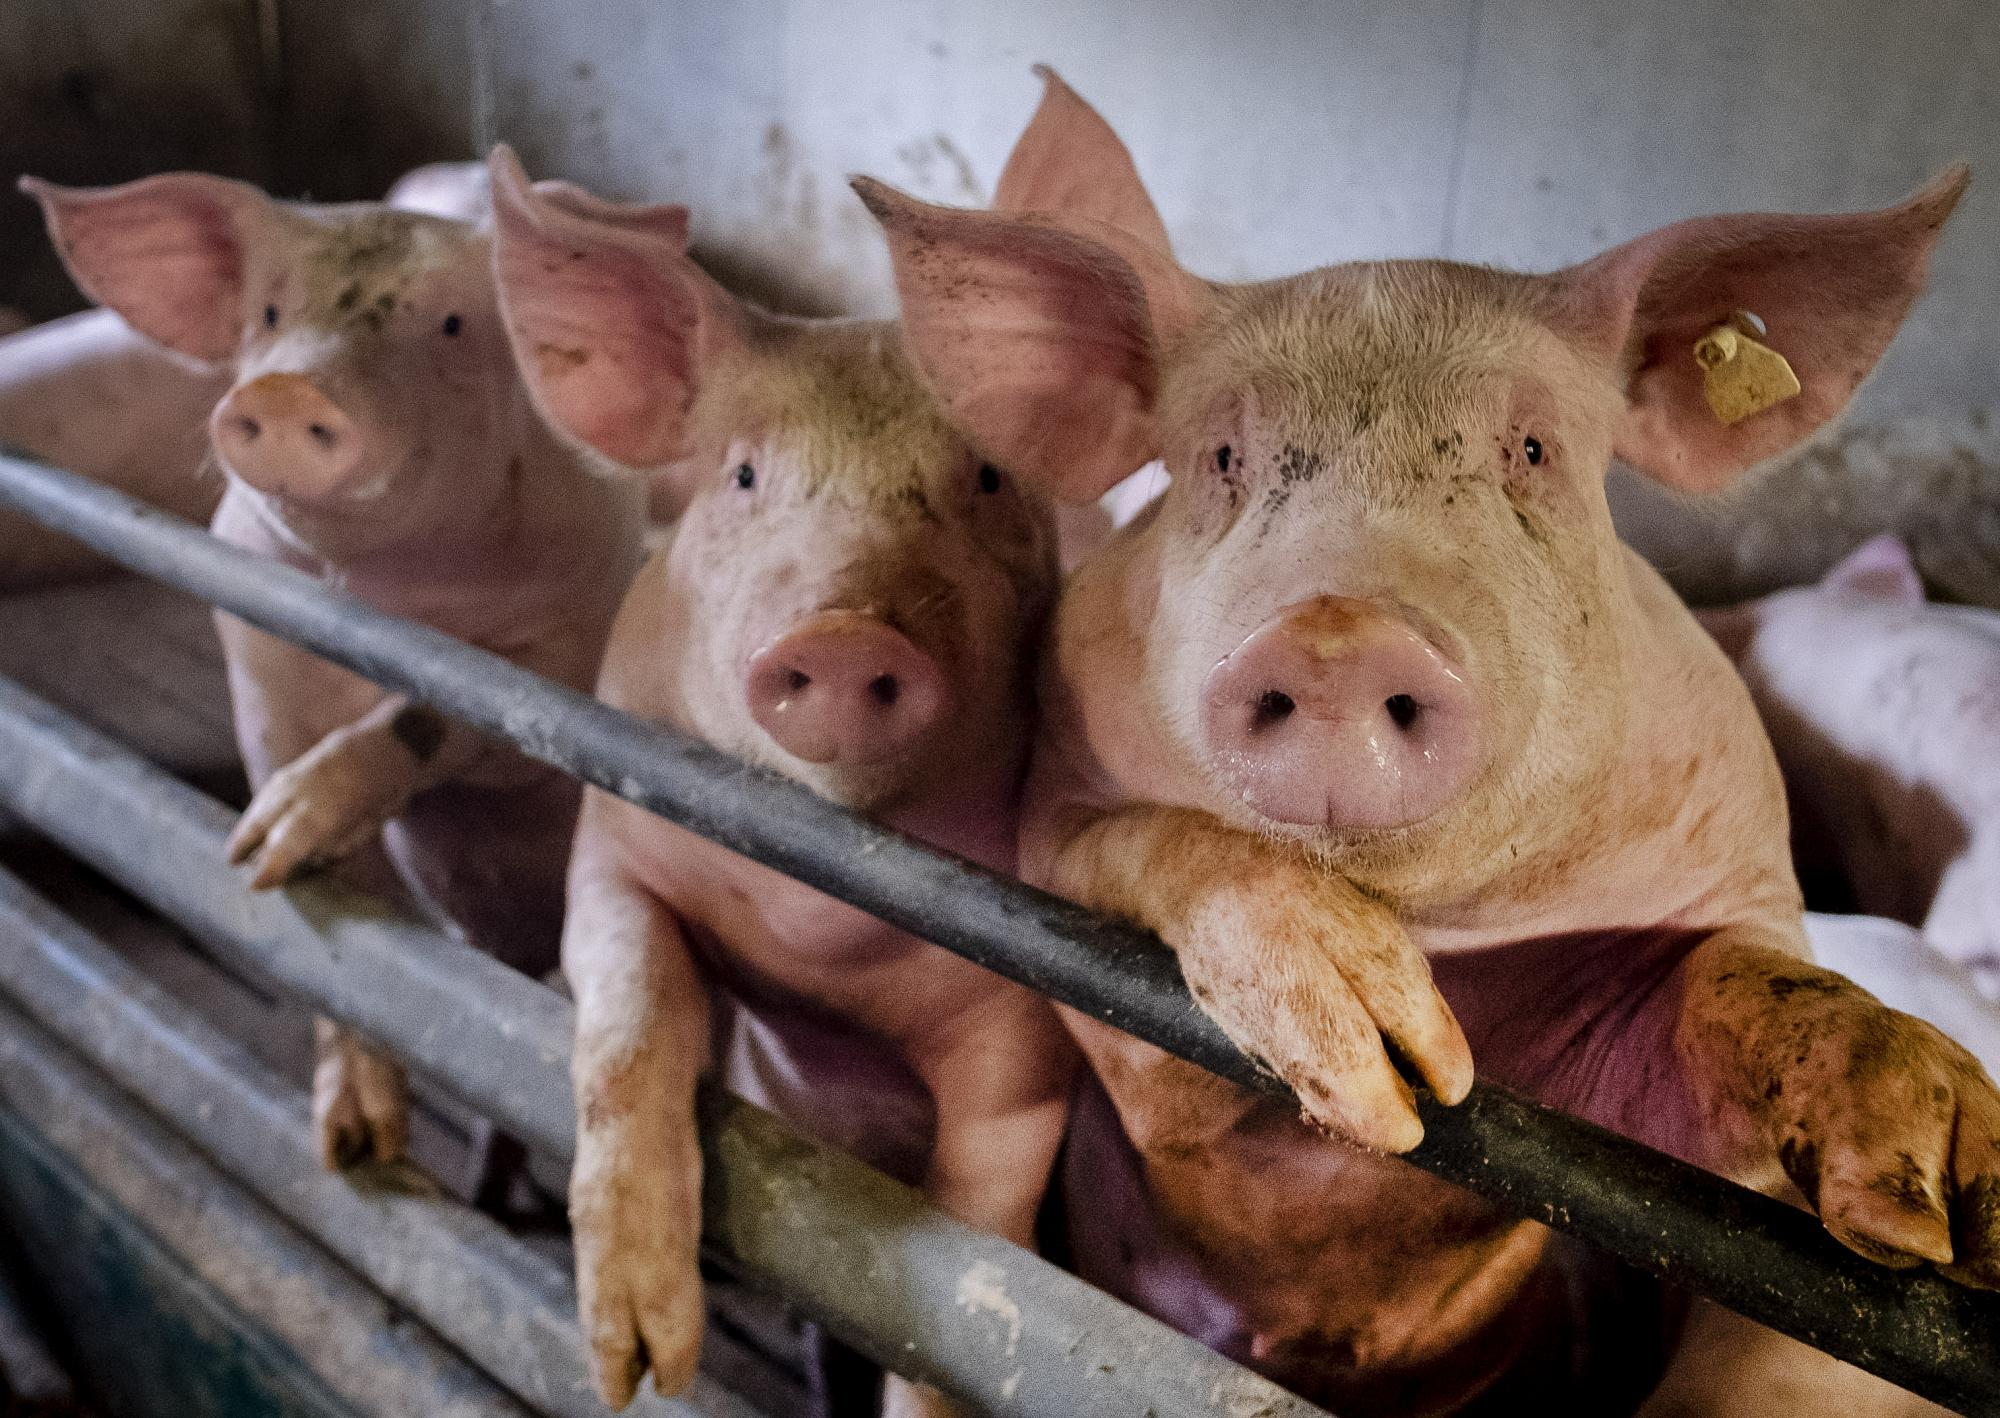 از ویروس آنفلوانزای خوکی جدید با احتمال همه گیری جهانی بیشتر بدانید